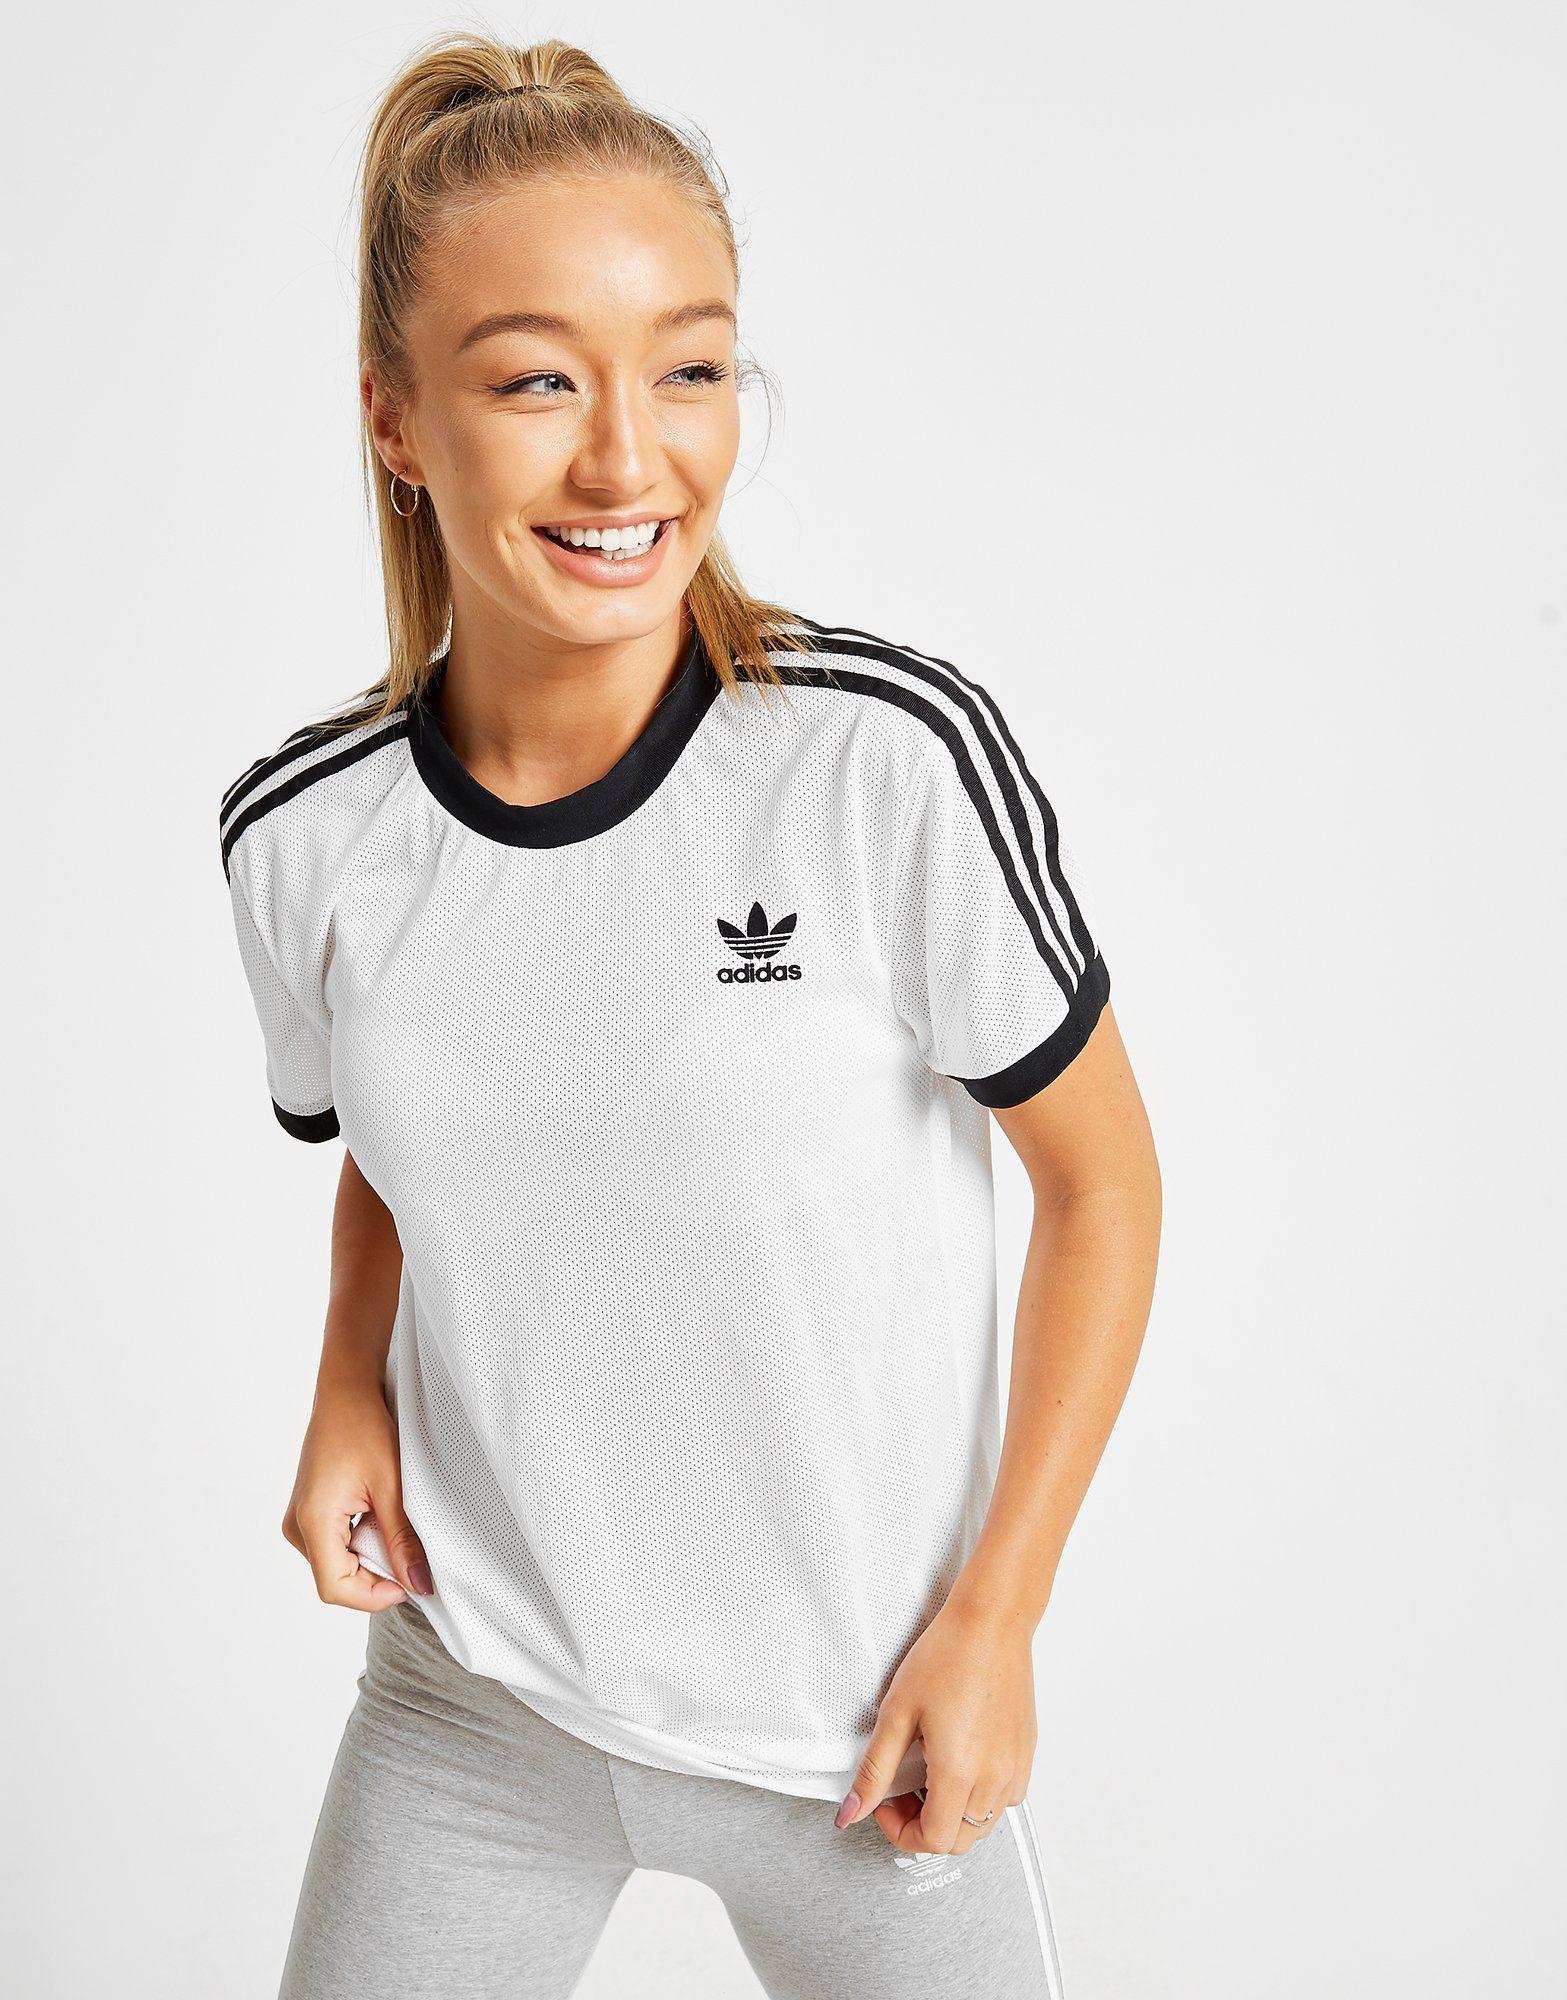 adidas Originals 3-Stripes Mesh California T-Shirt